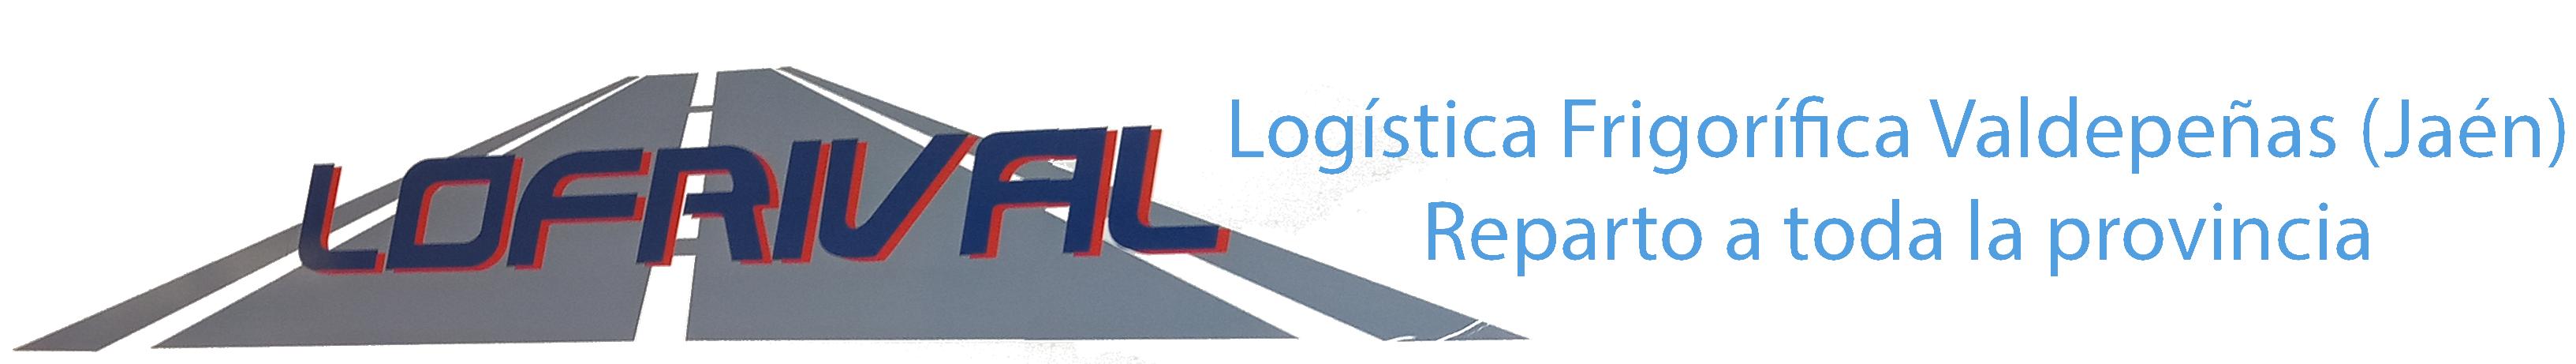 Lofrival logística frigorífica – reparto a toda la provincia